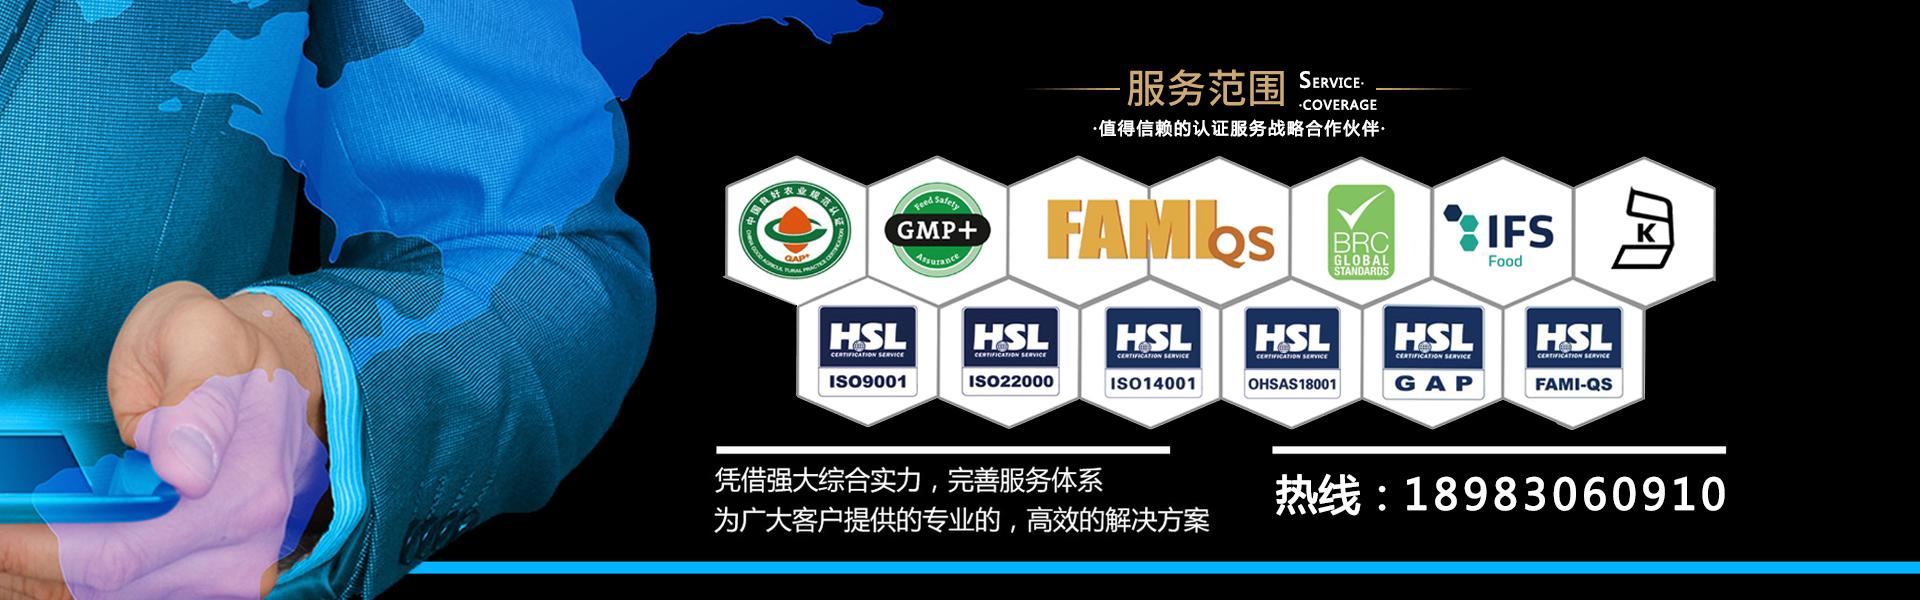 重慶普道企業管理咨詢有限公司的服務項目:ISO9001認證,TS16949認證,ISO17025認證,CCC認證,ISO27001認證